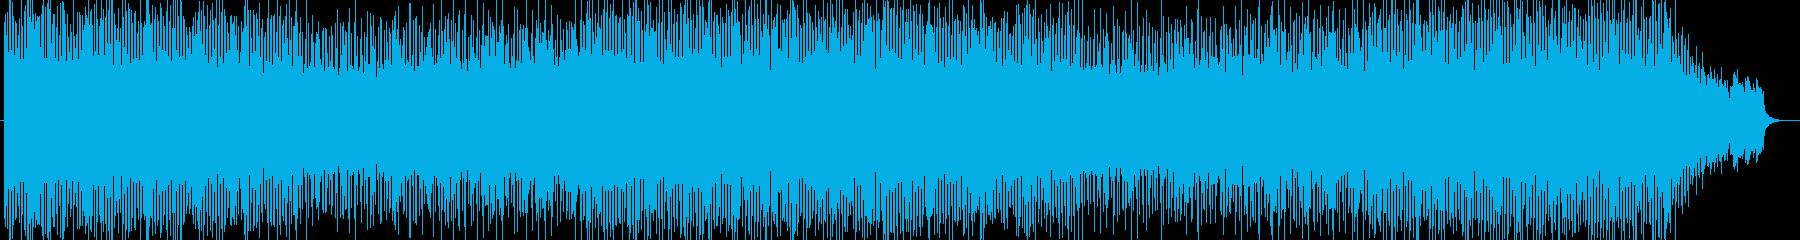 疾走感、ハードロック、ナイロン、187の再生済みの波形